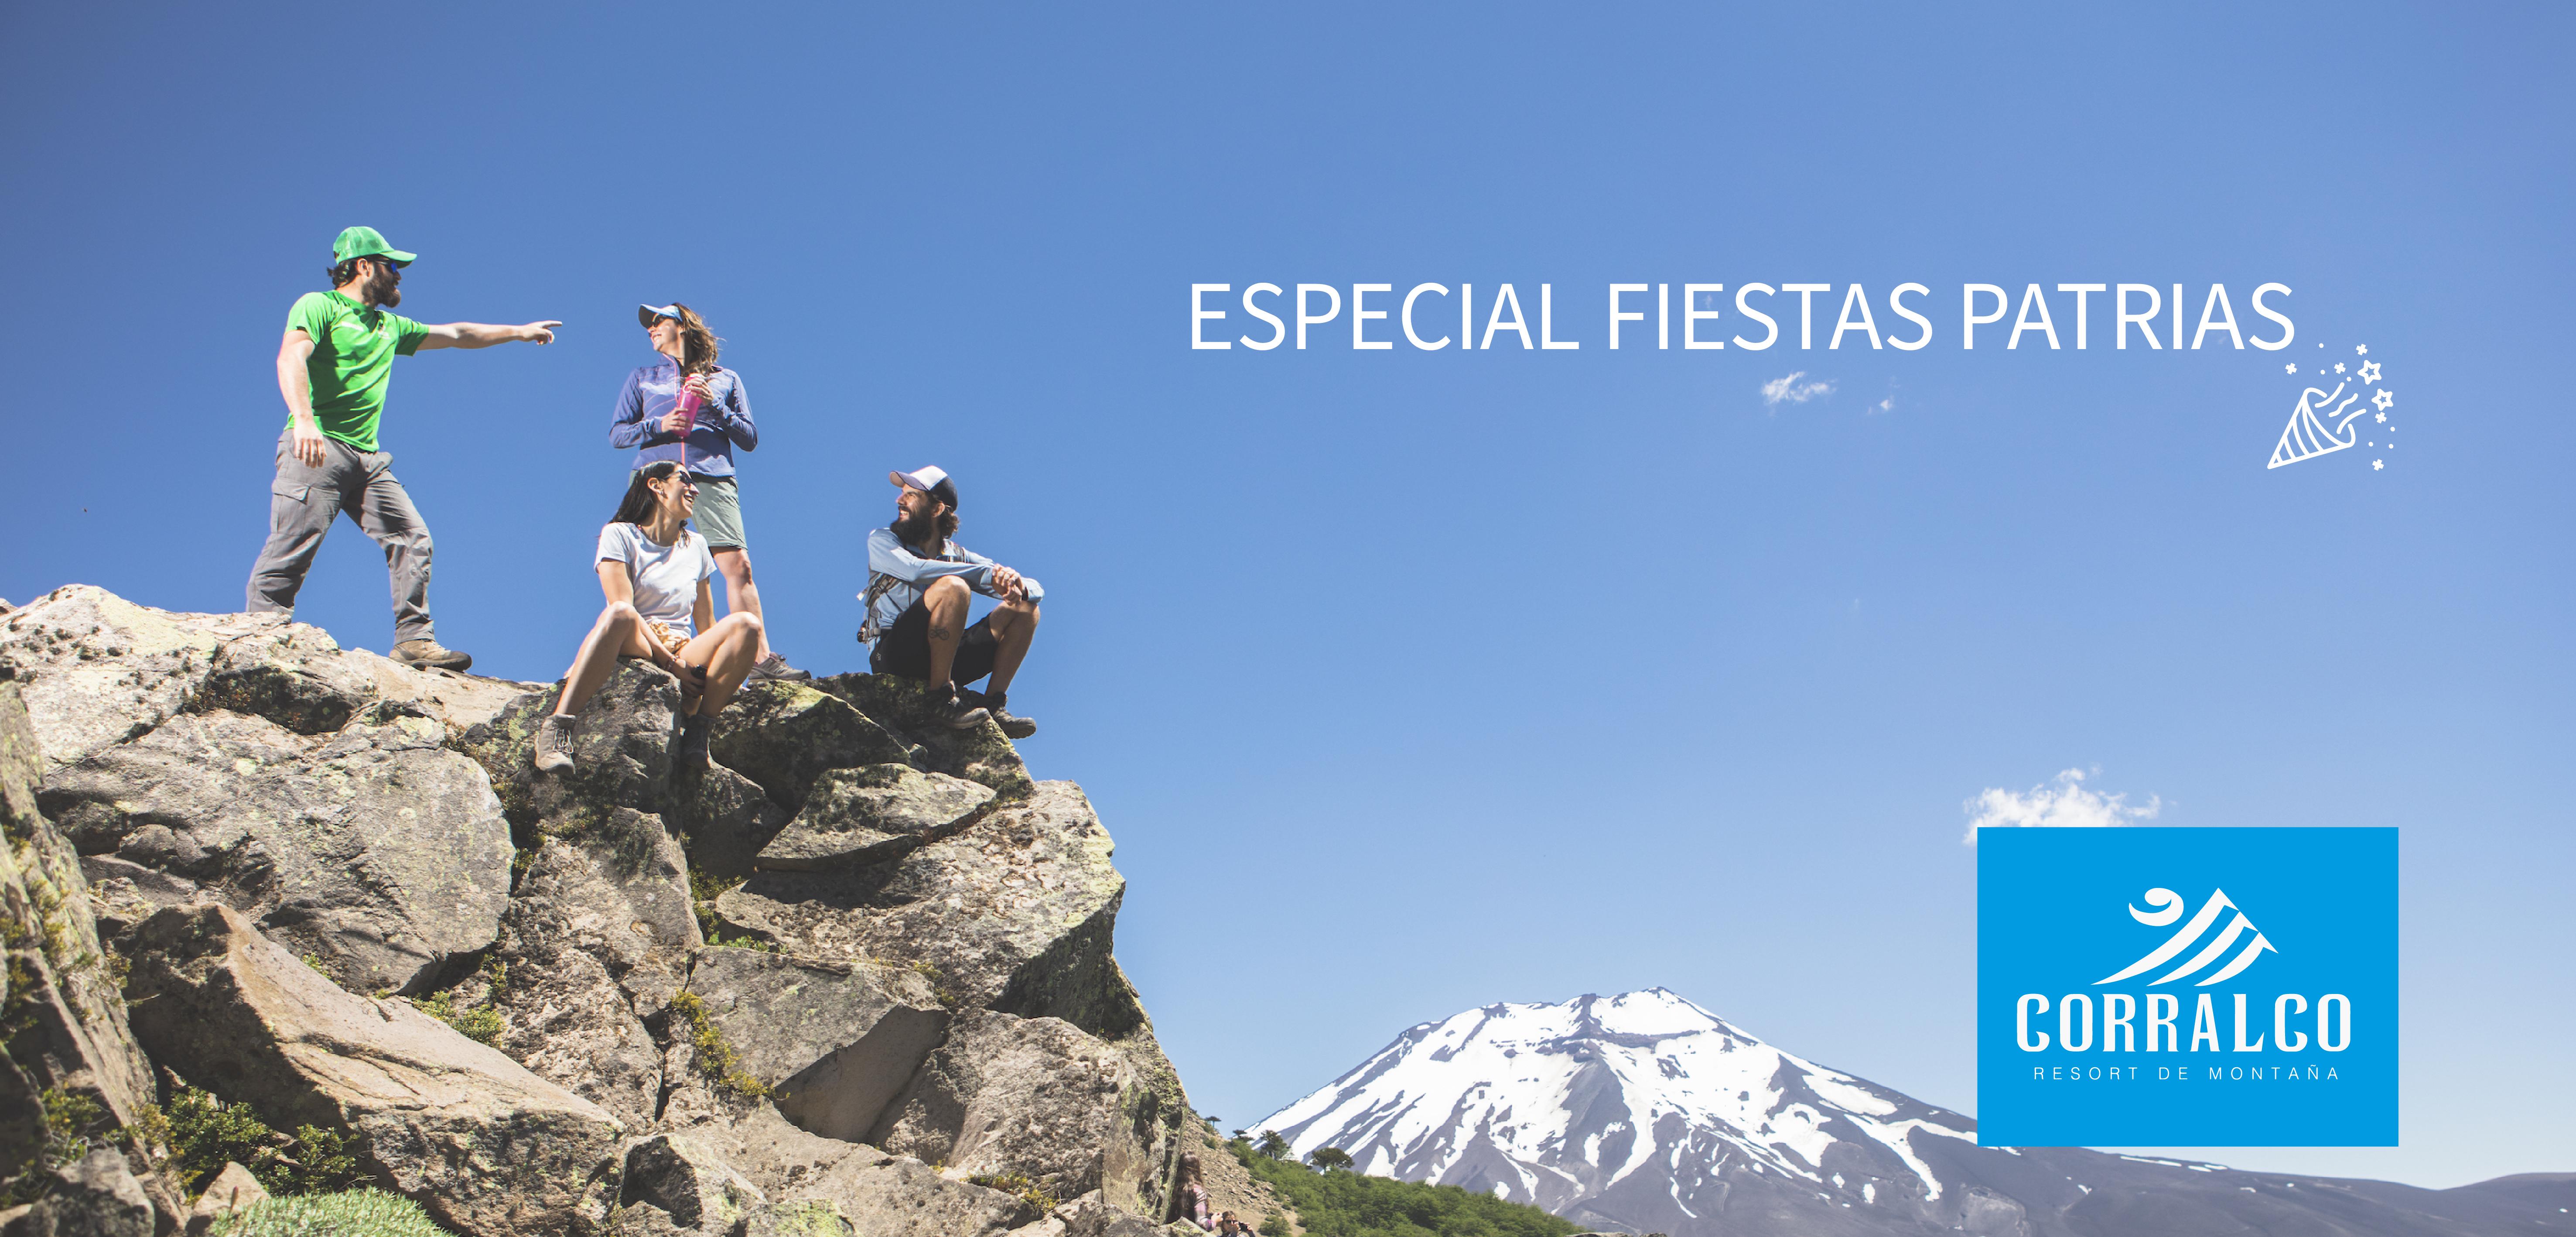 ESPECIAL-FIESTAS-PATRIAS-CORRALCO-01_edit